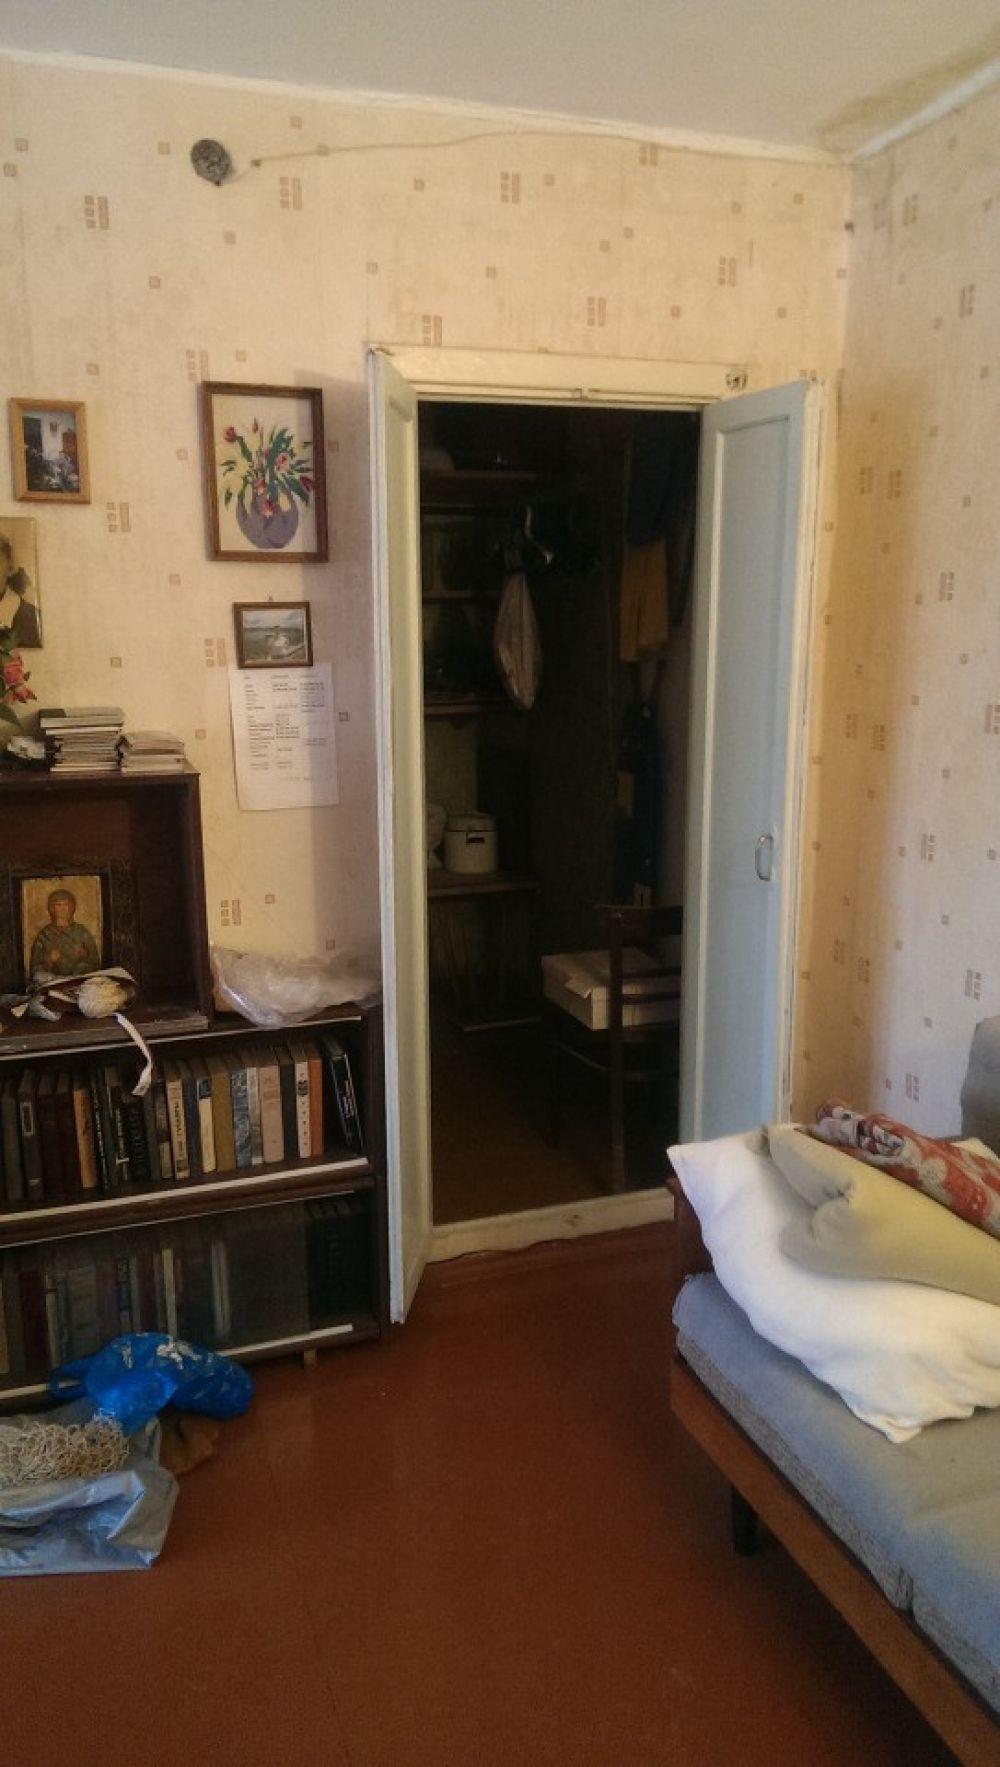 Двухкомнатная квартира, 44.5 м2, Щёлково, улица 8 Марта, 17А, фото 3